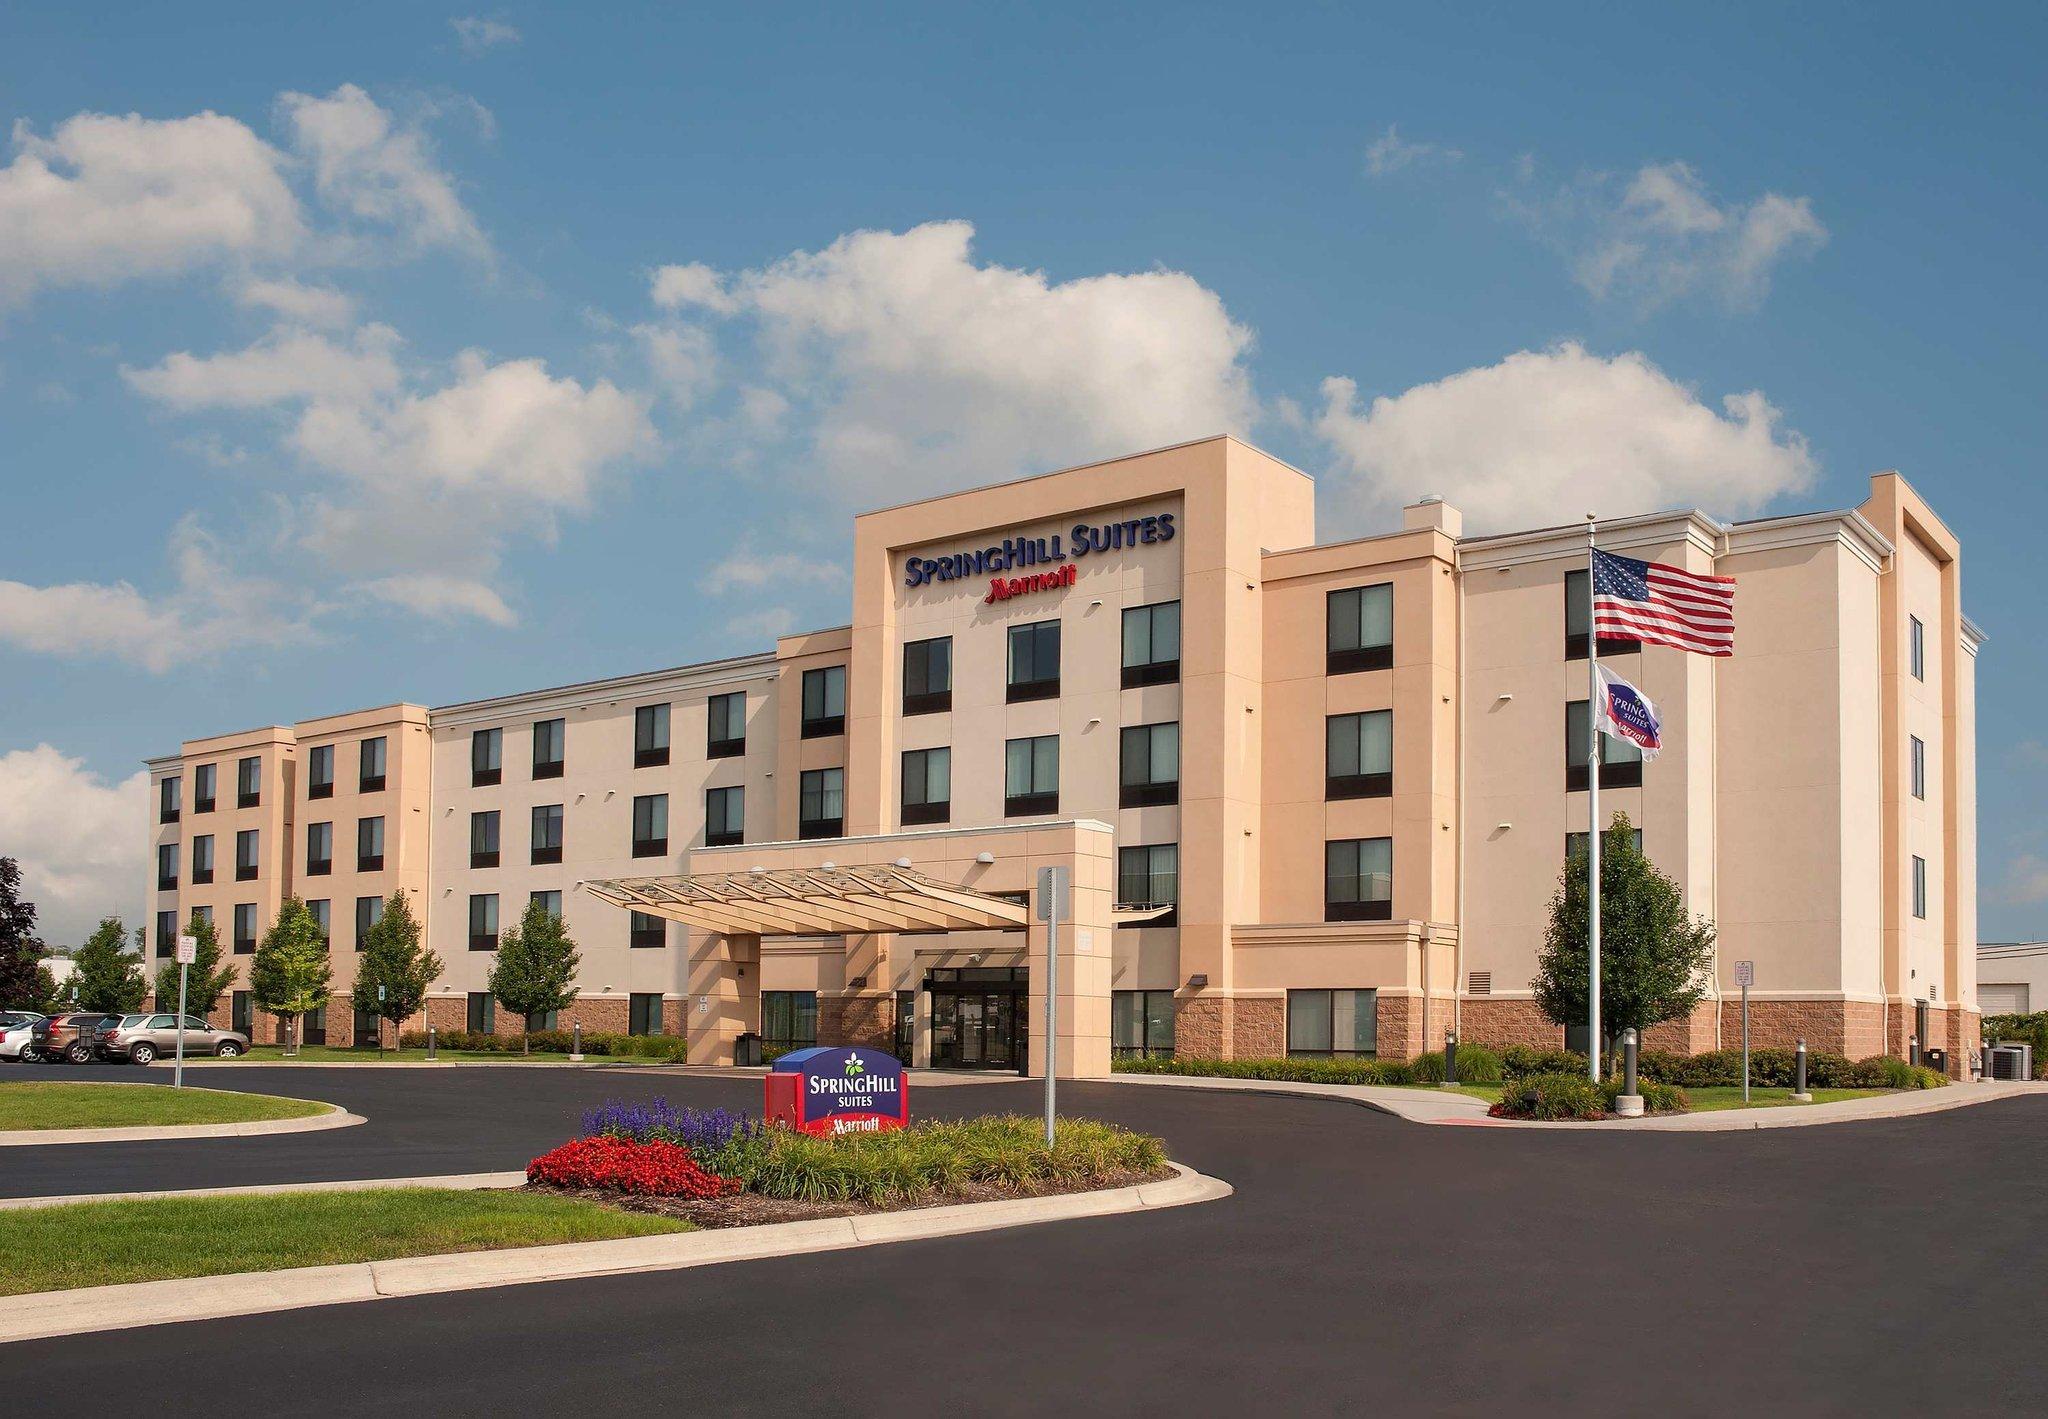 SpringHill Suites Detroit Auburn Hills